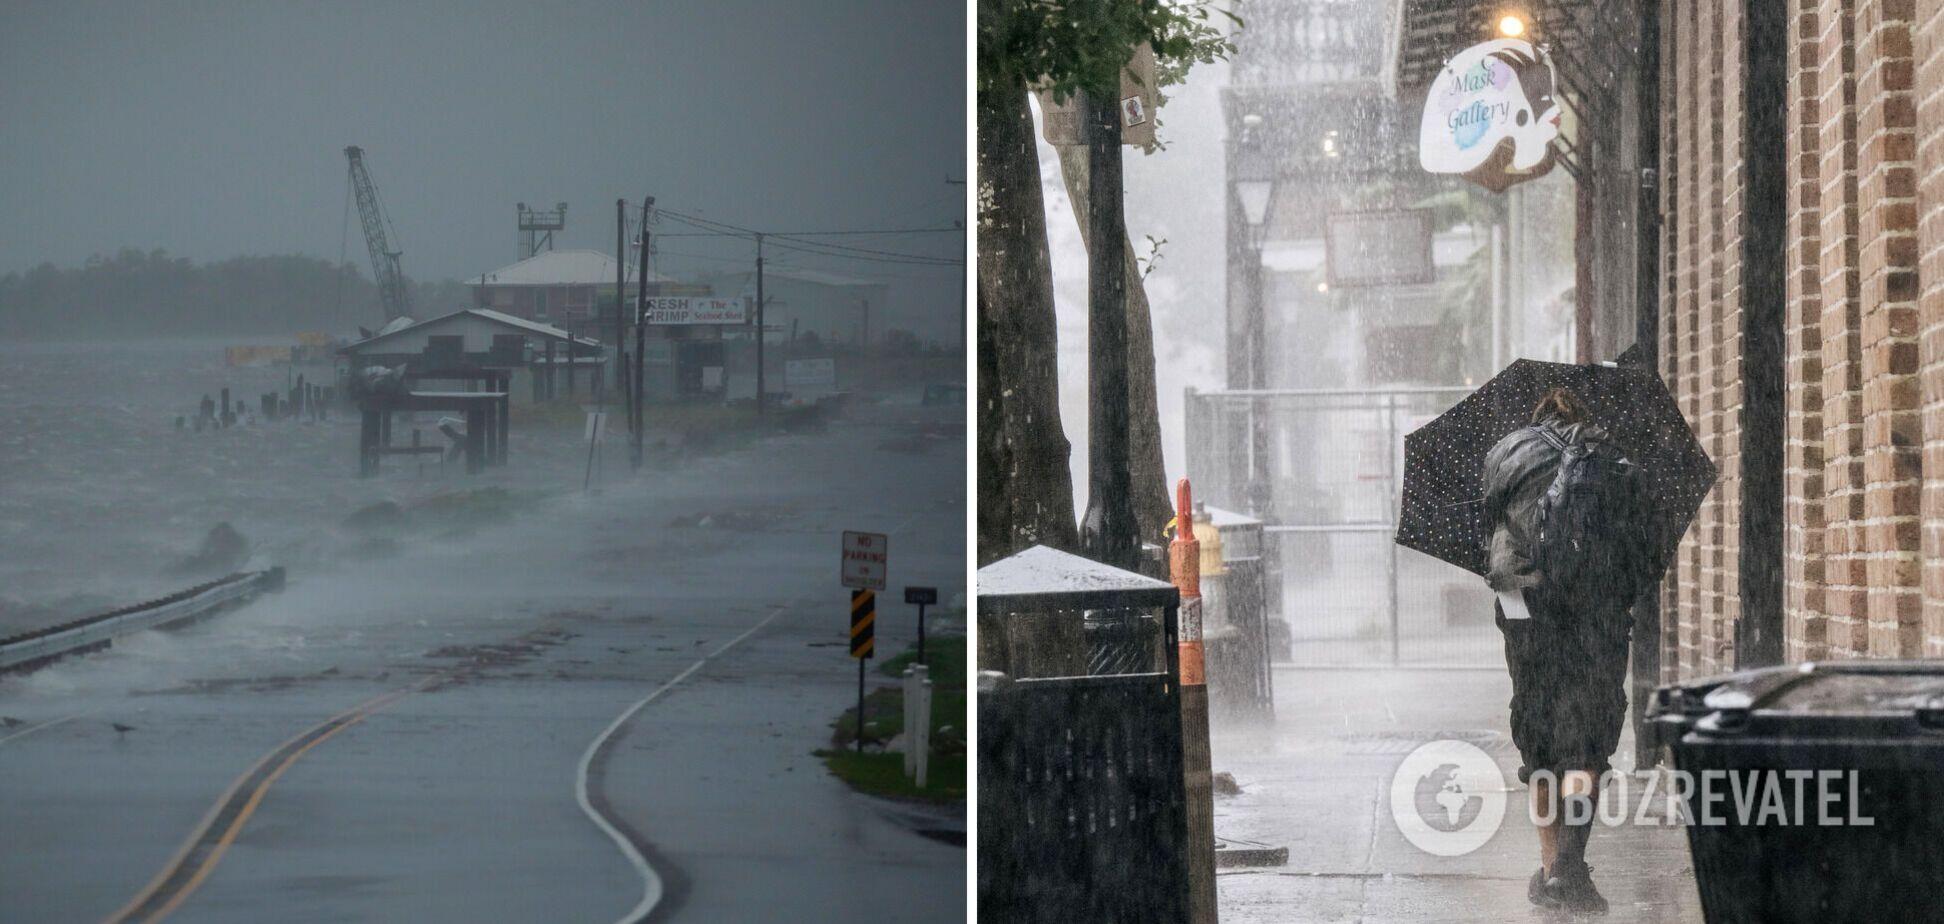 Узбережжя США накрив катастрофічний ураган 'Іда': найпотужніший шторм за 150 років розвернув річку Міссісіпі